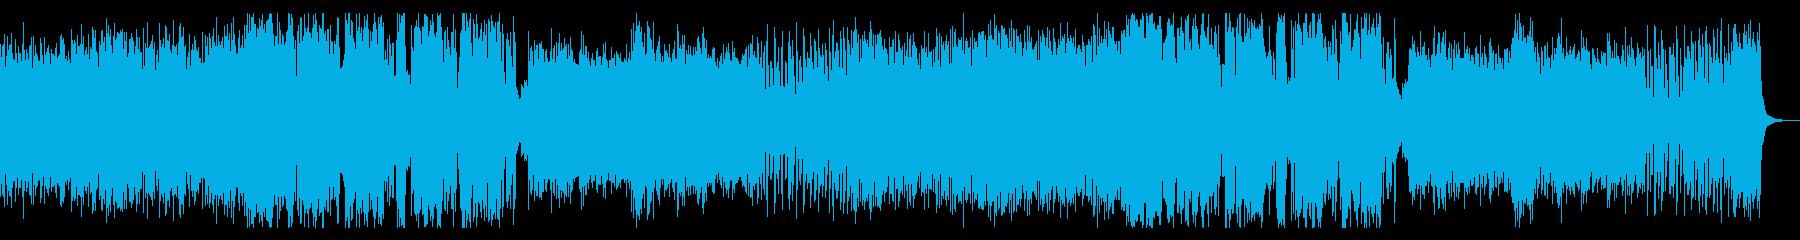 アップテンポでポップでダークな音楽の再生済みの波形